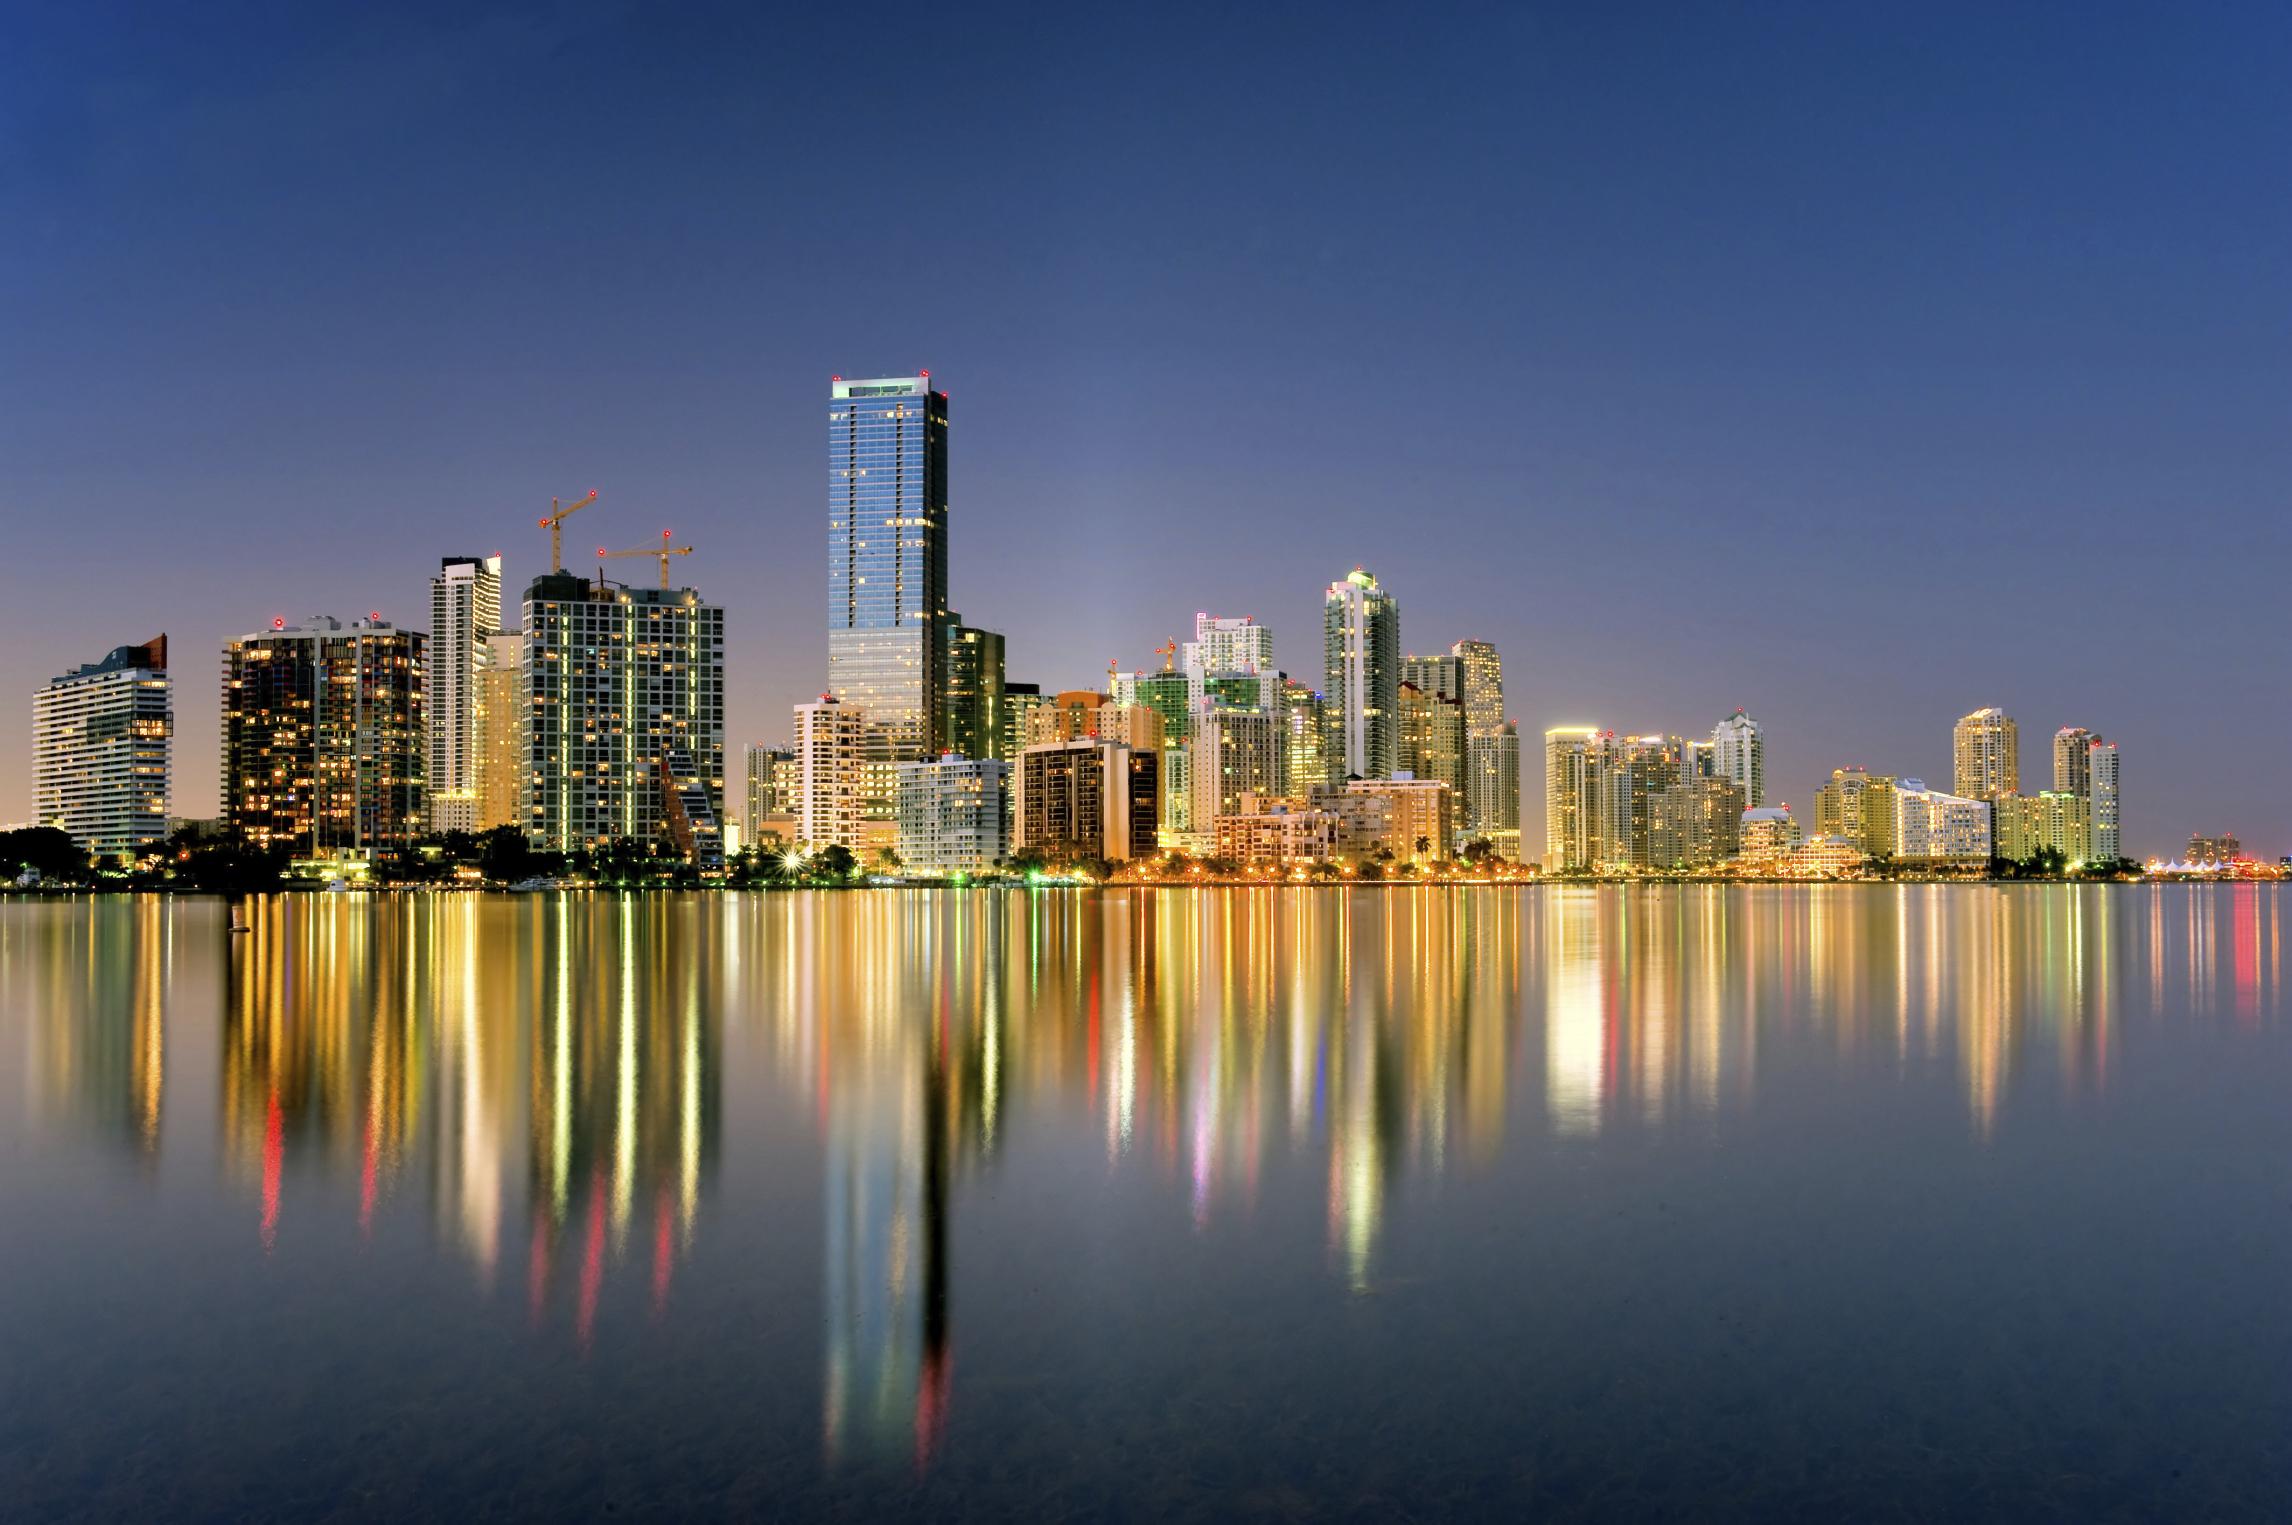 Miami_Sky_1.jpg